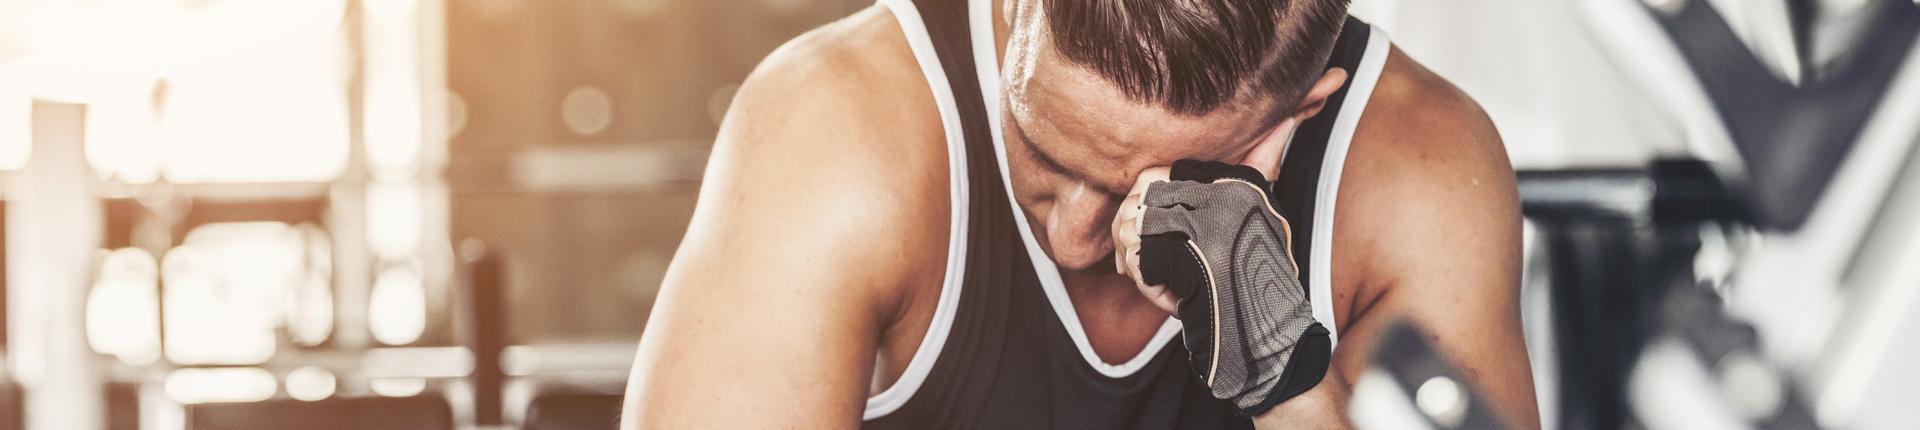 Sterydy anaboliczno-androgenne a samobójstwa. Czy szkodzą i zwiększają ryzyko?